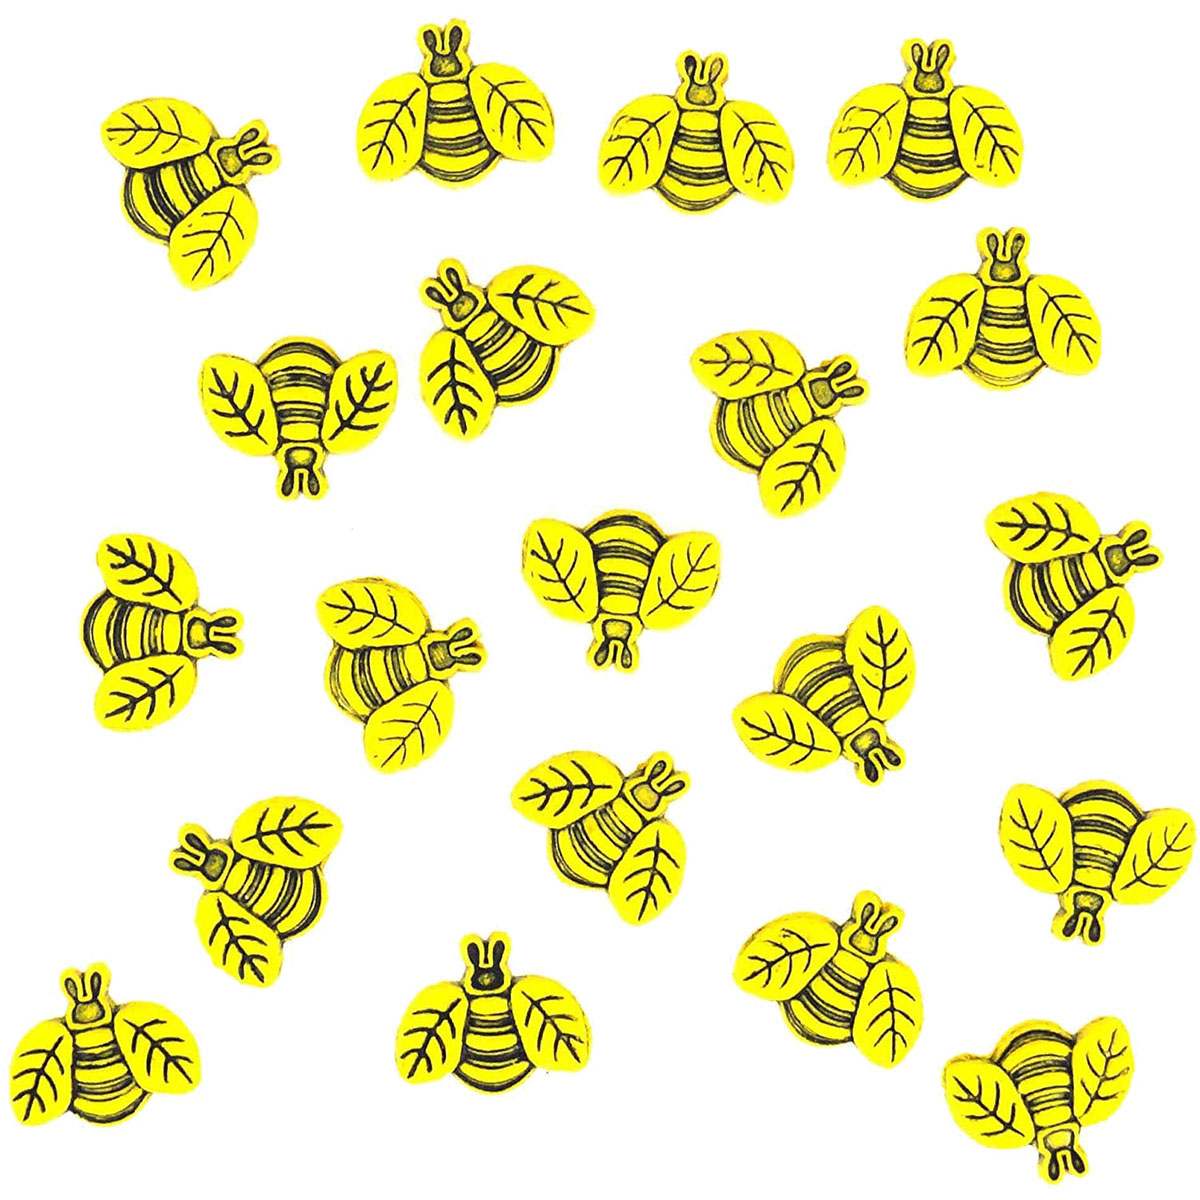 1858, Пуговицы-фигурки. Пчелы Dress It Up